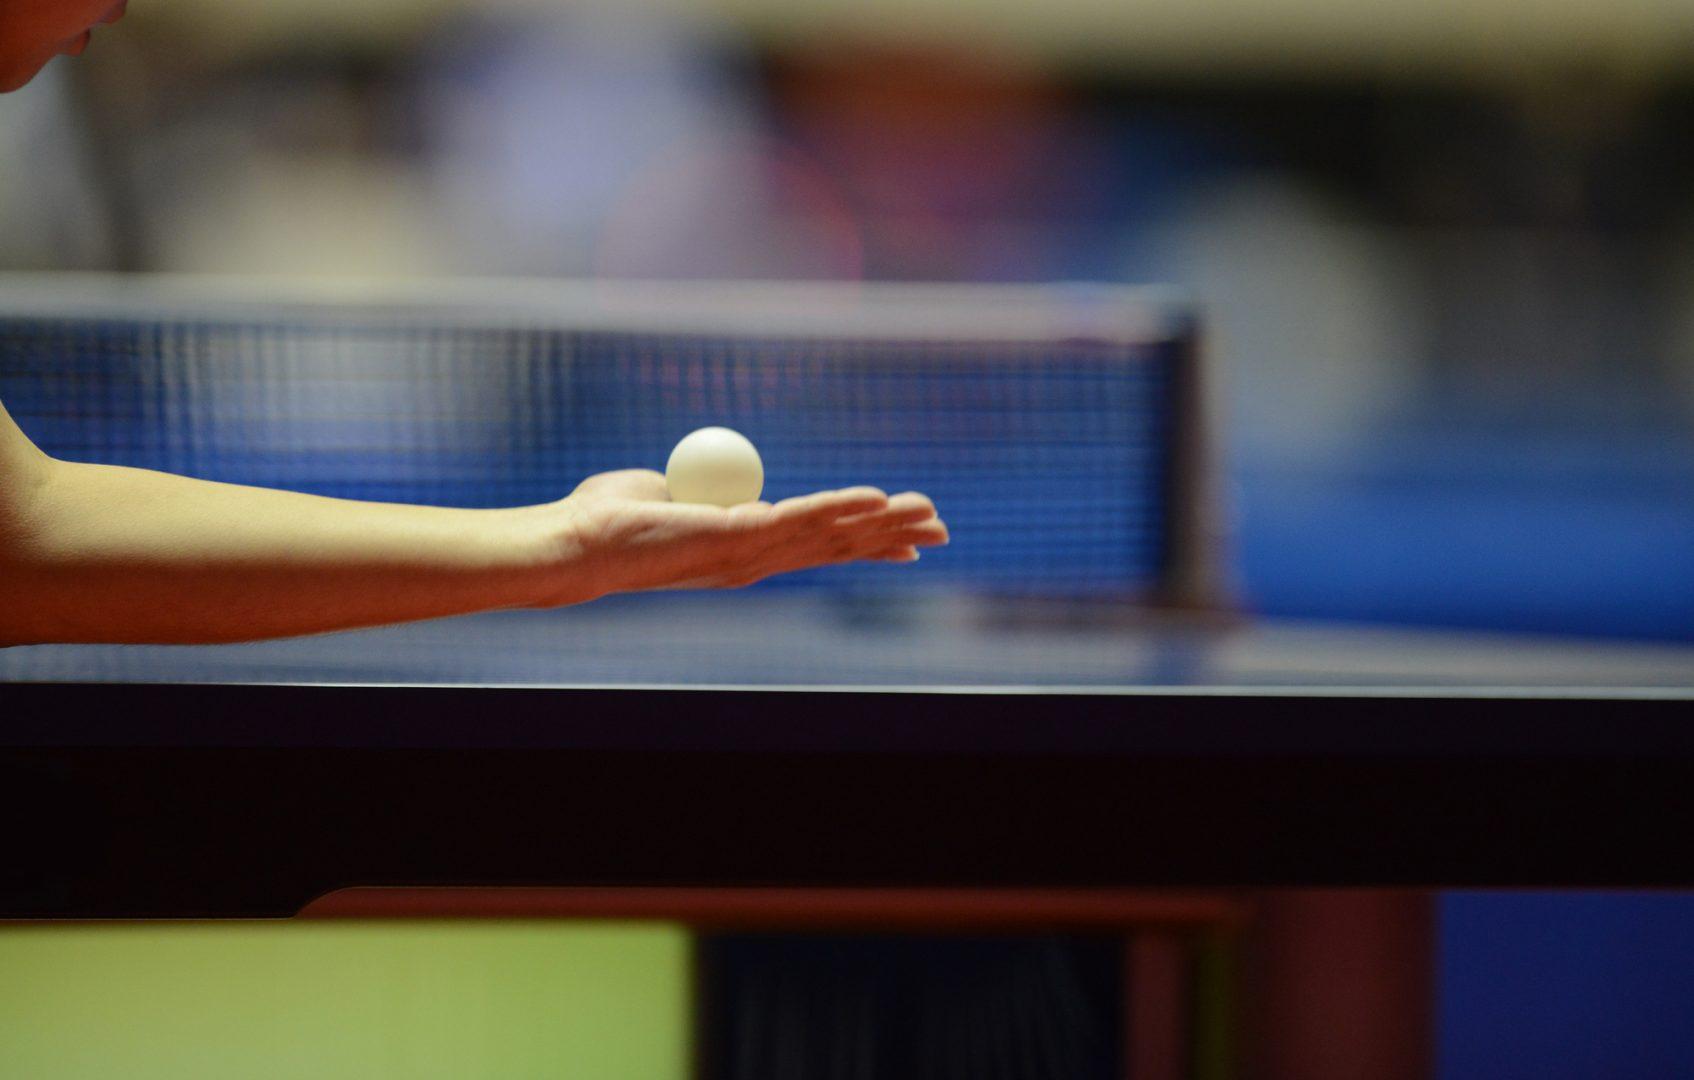 【大会情報】ITTFワールドツアー・ブルガリアオープン(女子)の見どころ